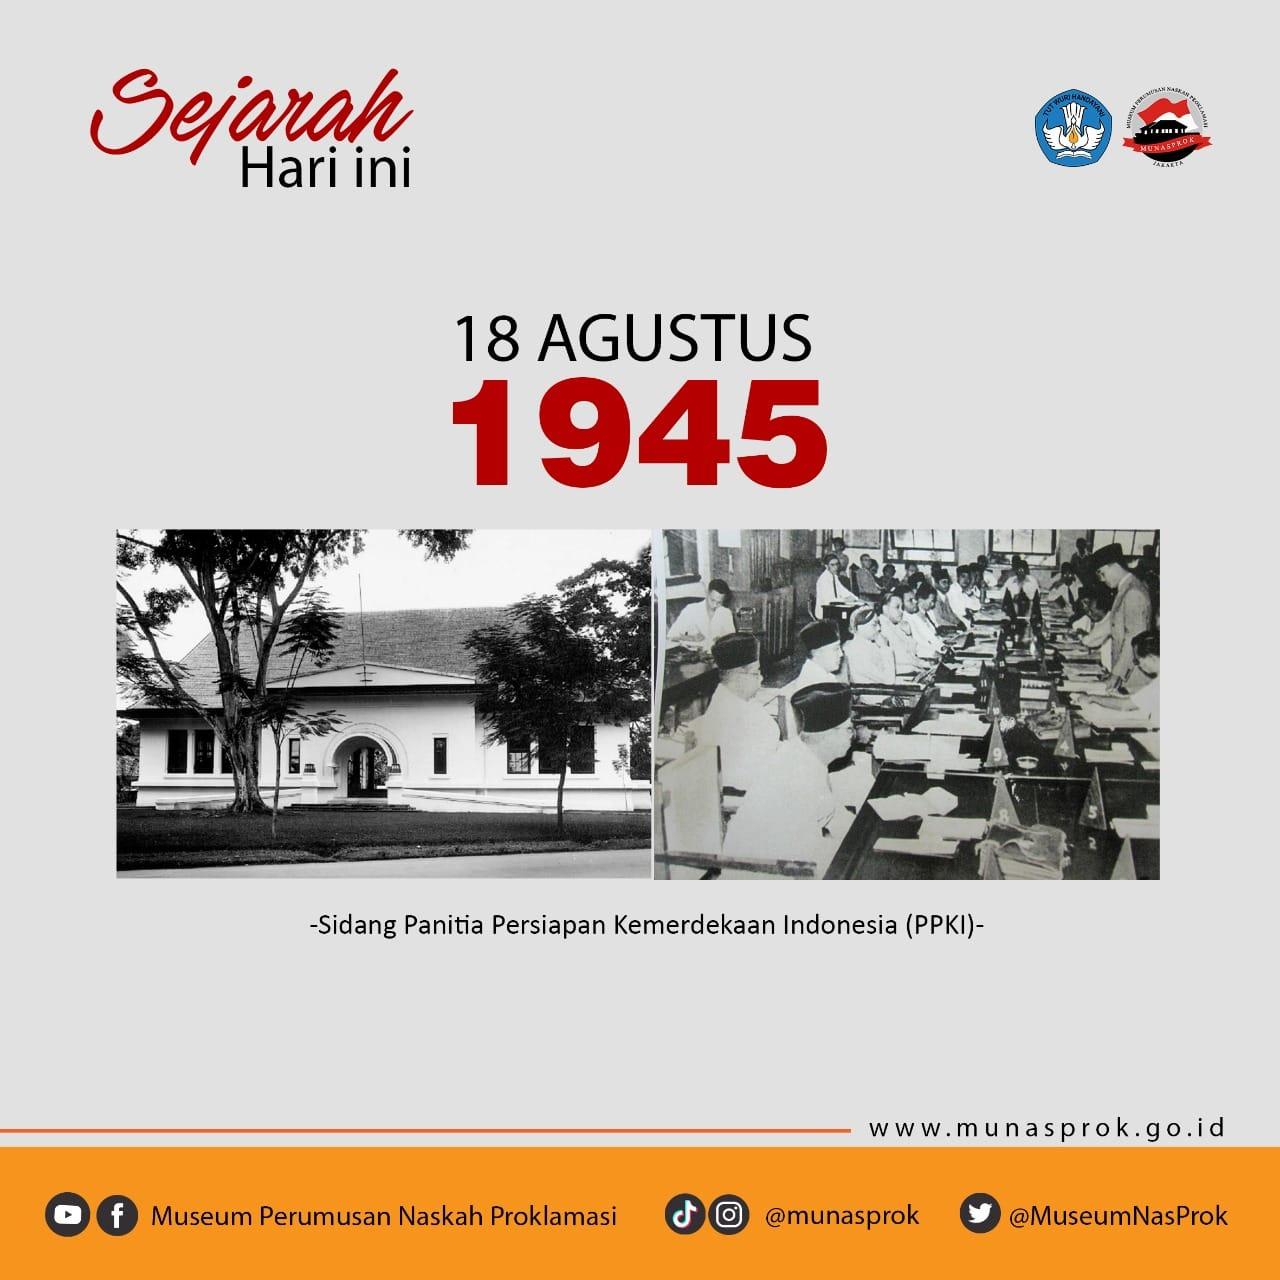 [SEJARAH HARI INI : Sidang PPKI 18 Agustus 1945]